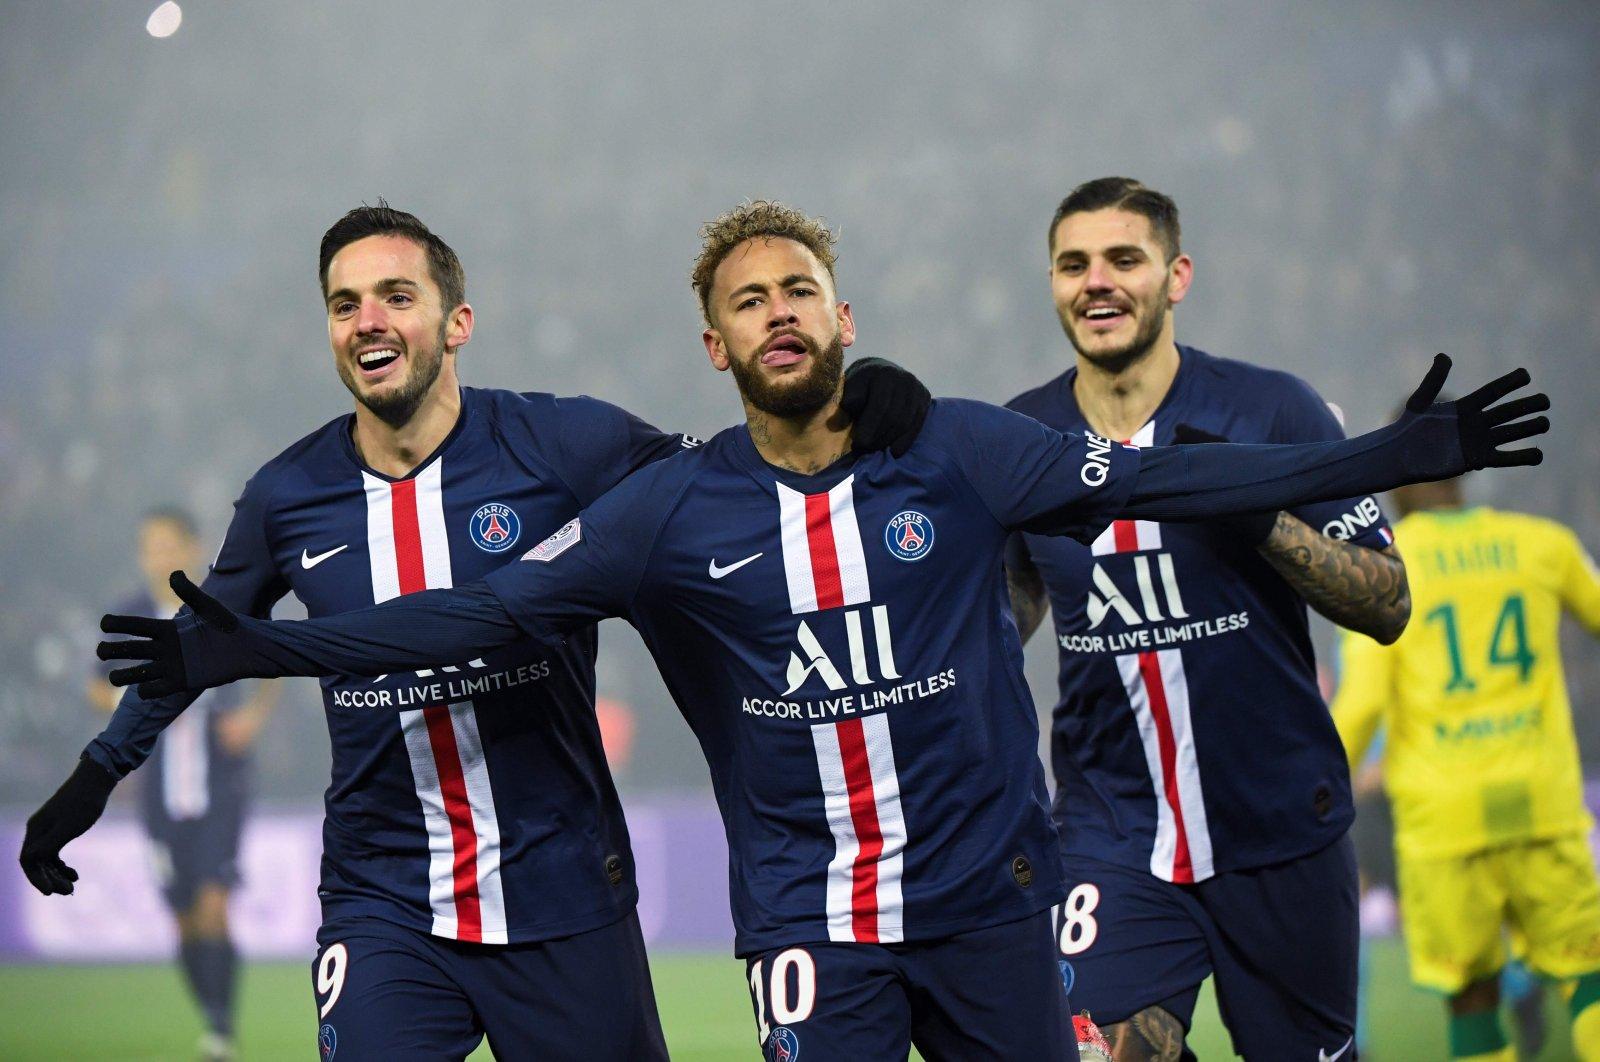 Neymar (C) celebrates a goal with his teammates during a Ligue 1 match against FC Nantes at the Parc des Princes in Paris, France, Dec. 4, 2019. (AFP Photo)